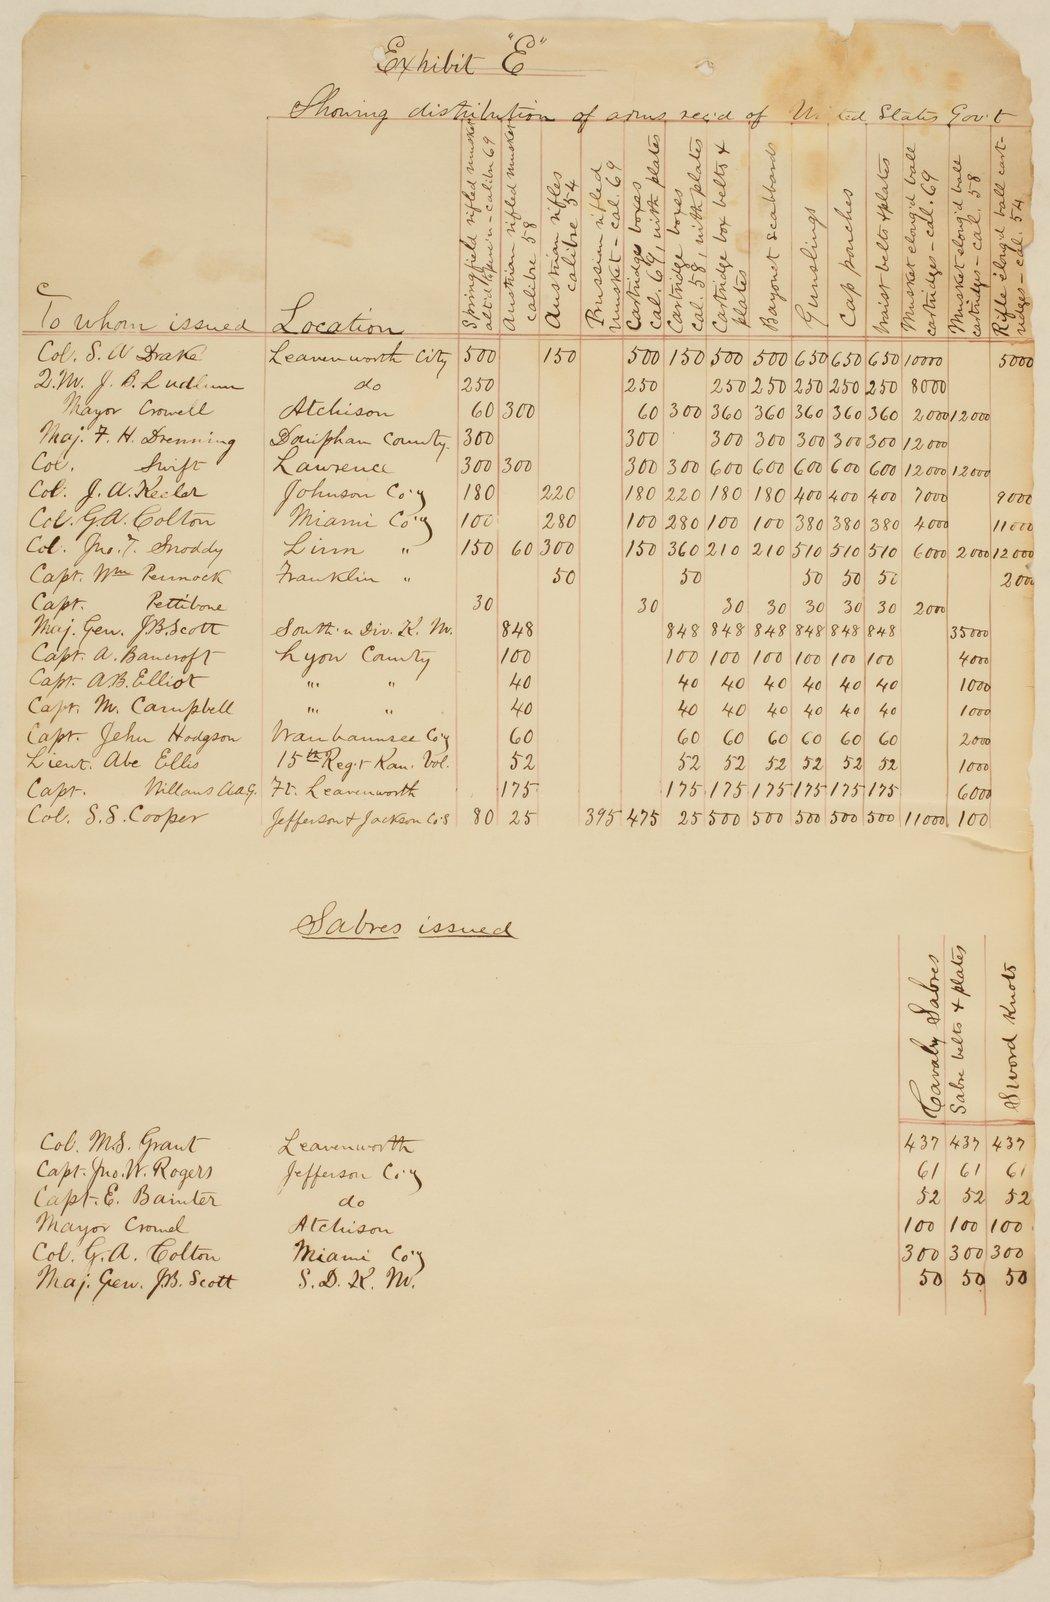 Report of Quartermaster General - 7